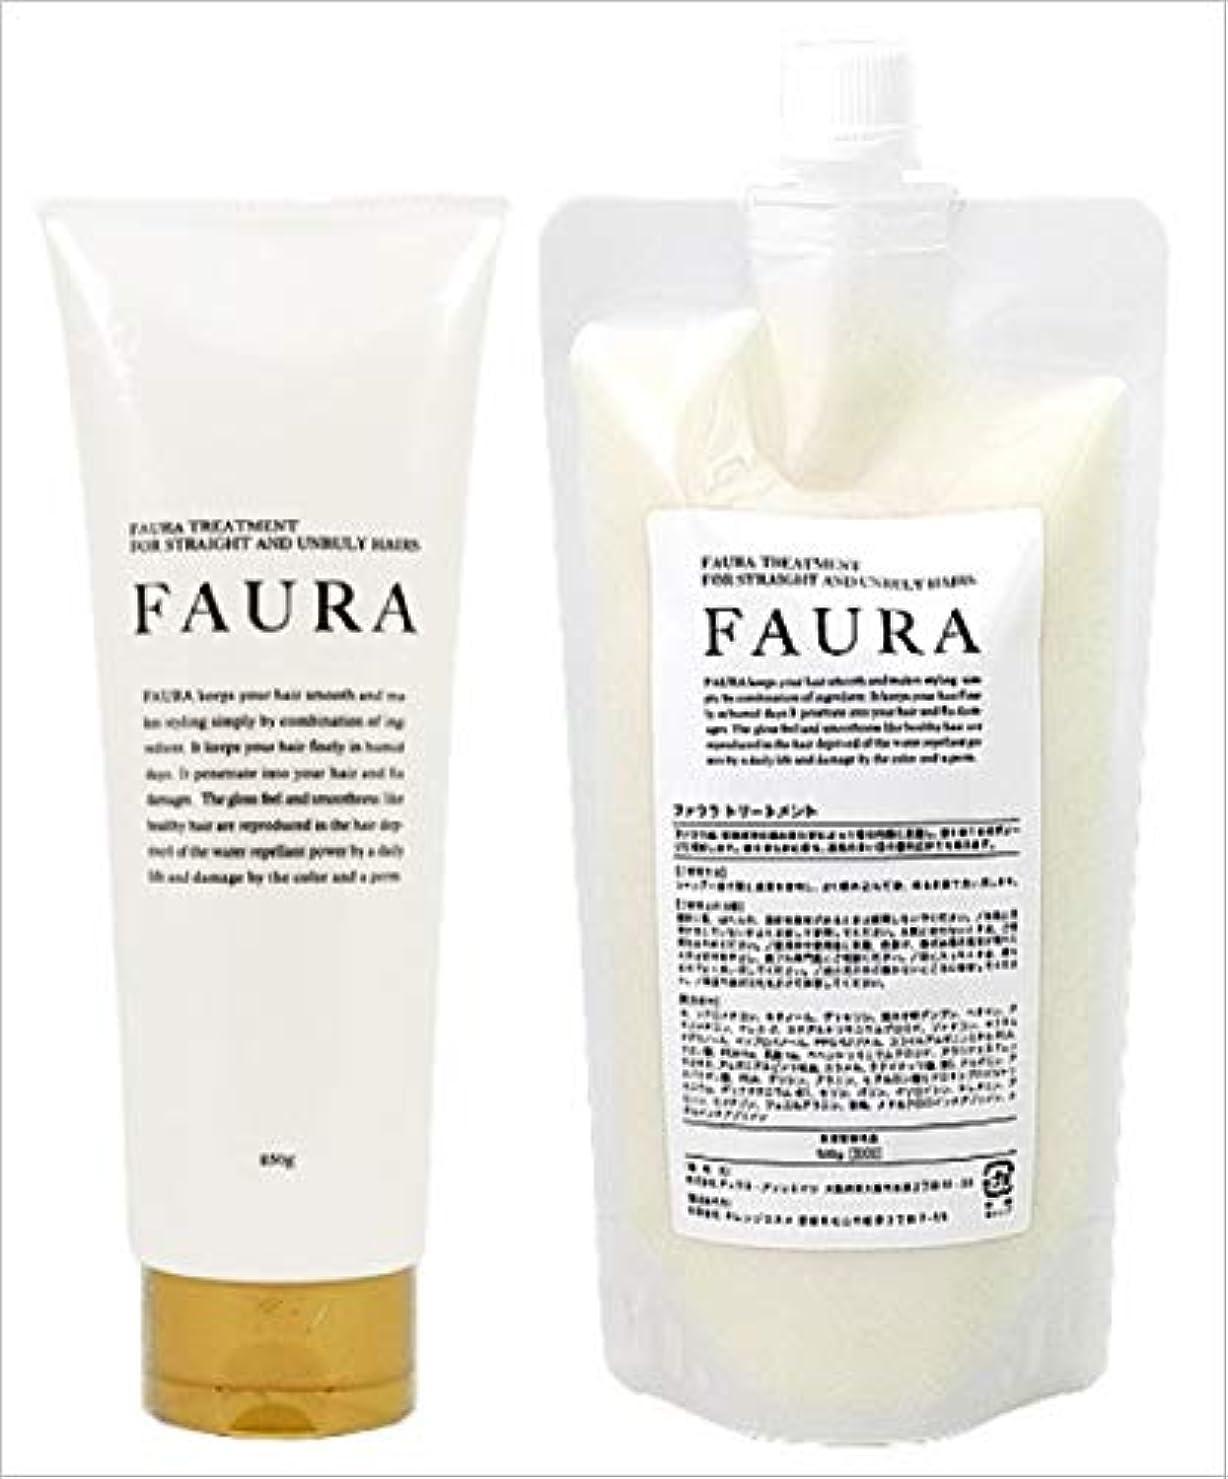 協同ロッド傾向FAURA ファウラ ヘアトリートメント (傷んだ髪に) 250gと詰替500gのセット 【サロン専売品】